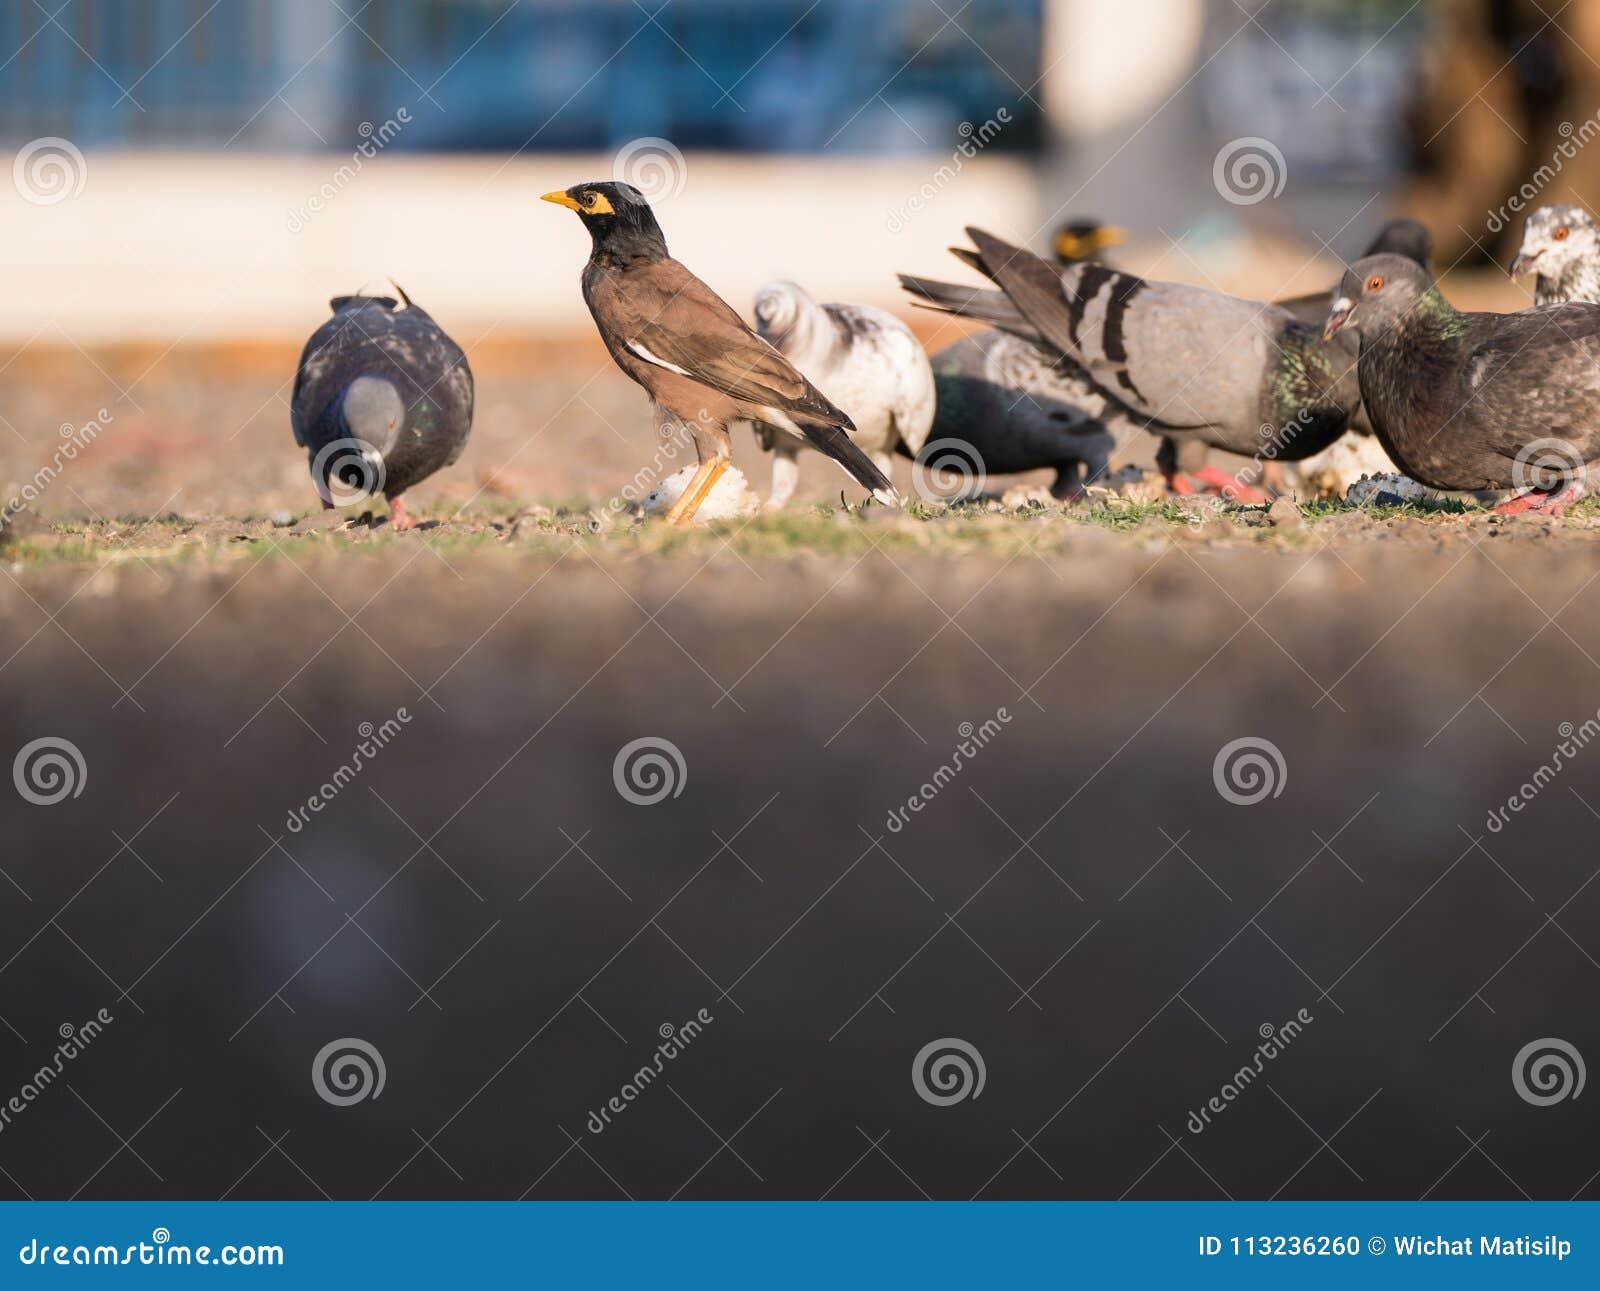 Starling Standing Alone fra i piccioni